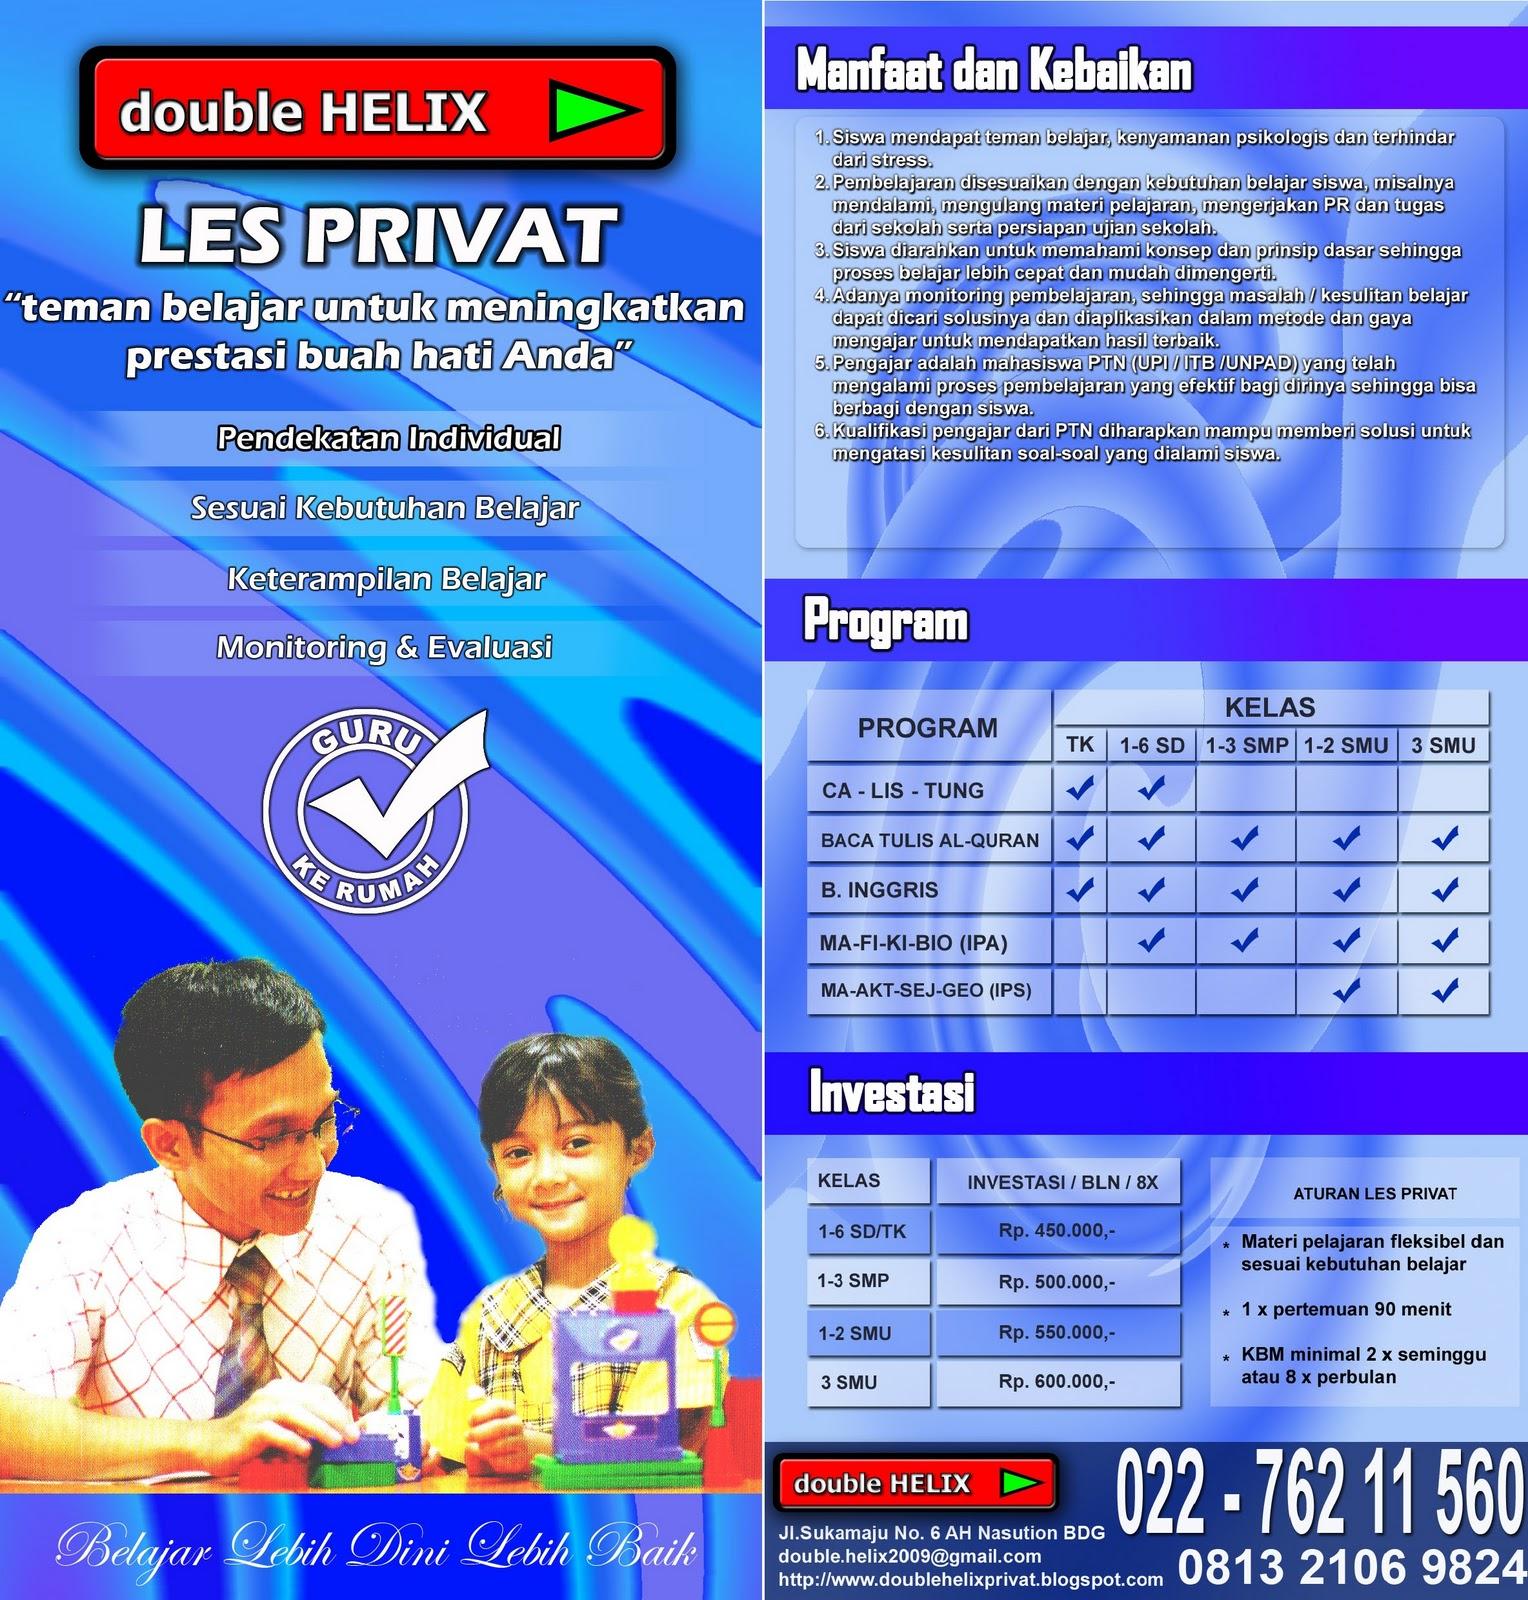 http://4.bp.blogspot.com/-Eyg1f5lrmdE/TufZCp3J3XI/AAAAAAAAADo/fKCRnt8RI40/s1600/BROSUR+FB+-+DOUBLE.jpg